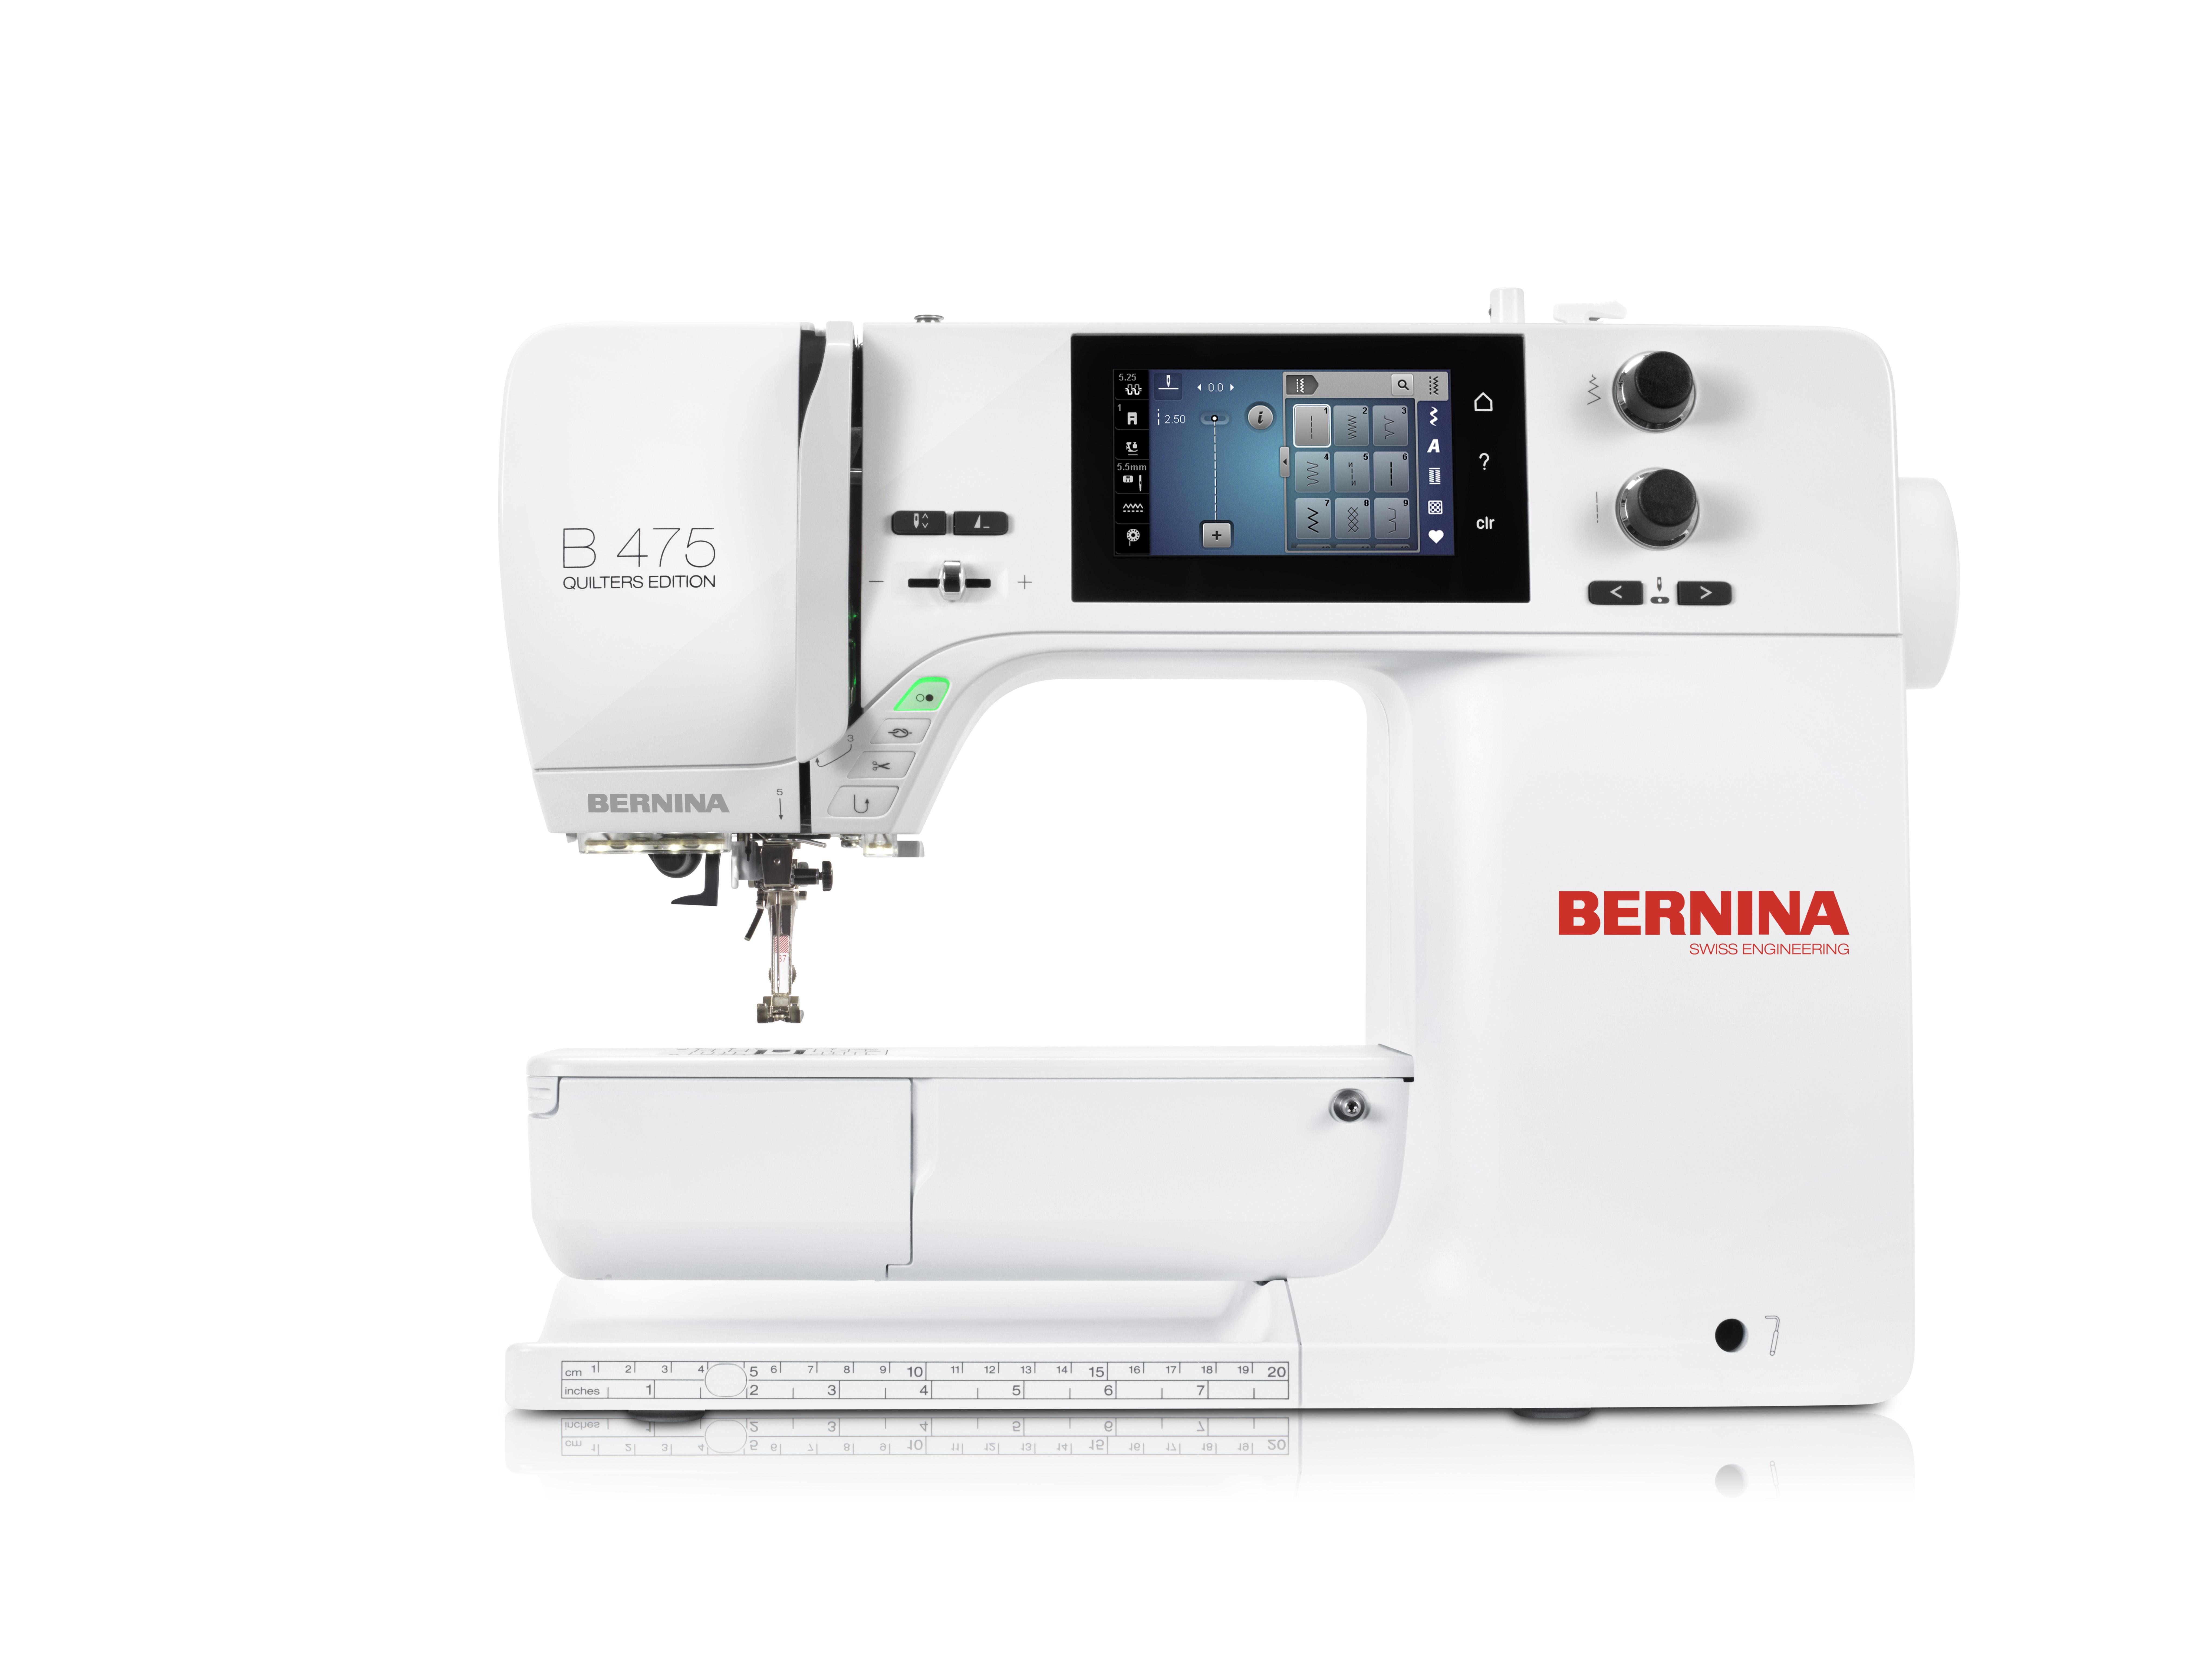 šicí stroj Bernina 475QE-1